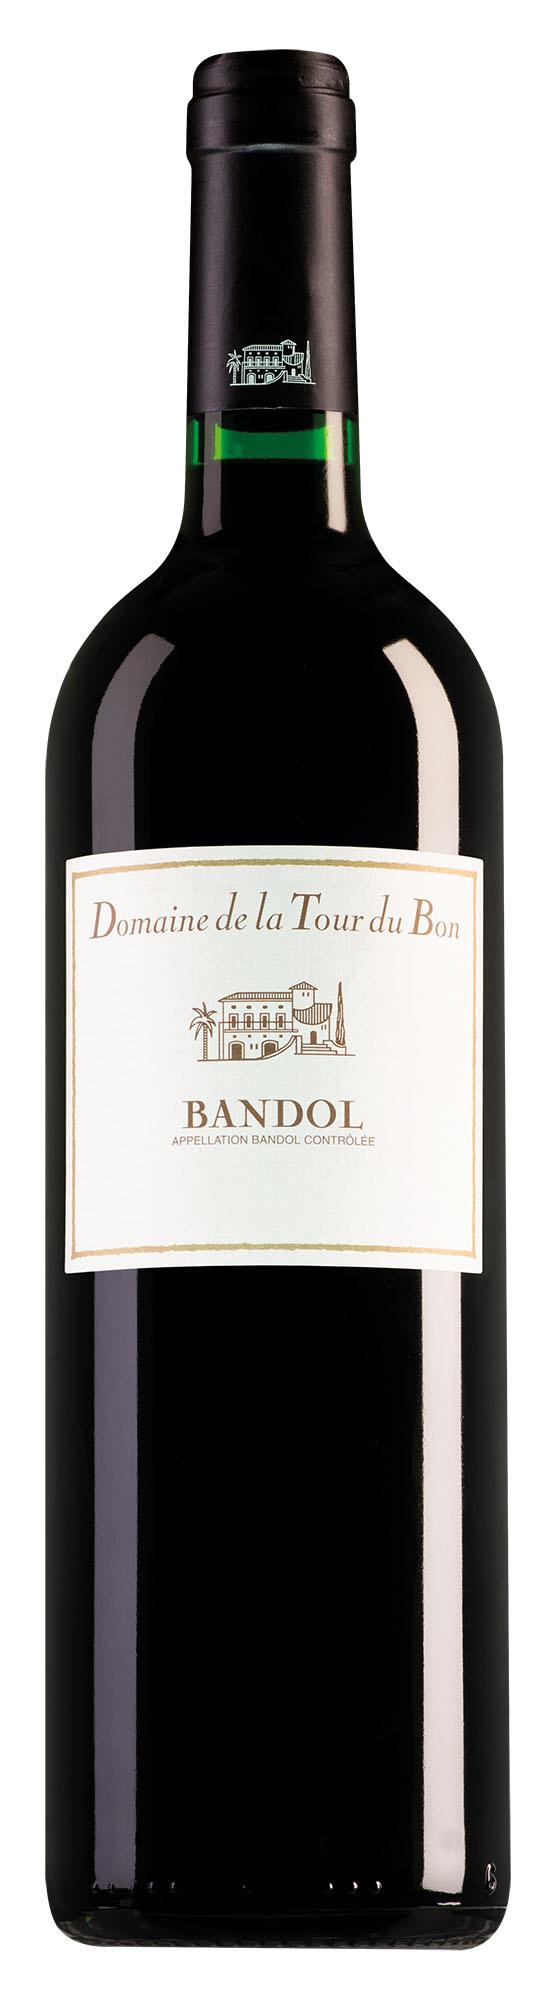 Domaine de la Tour du Bon Bandol rot 2018